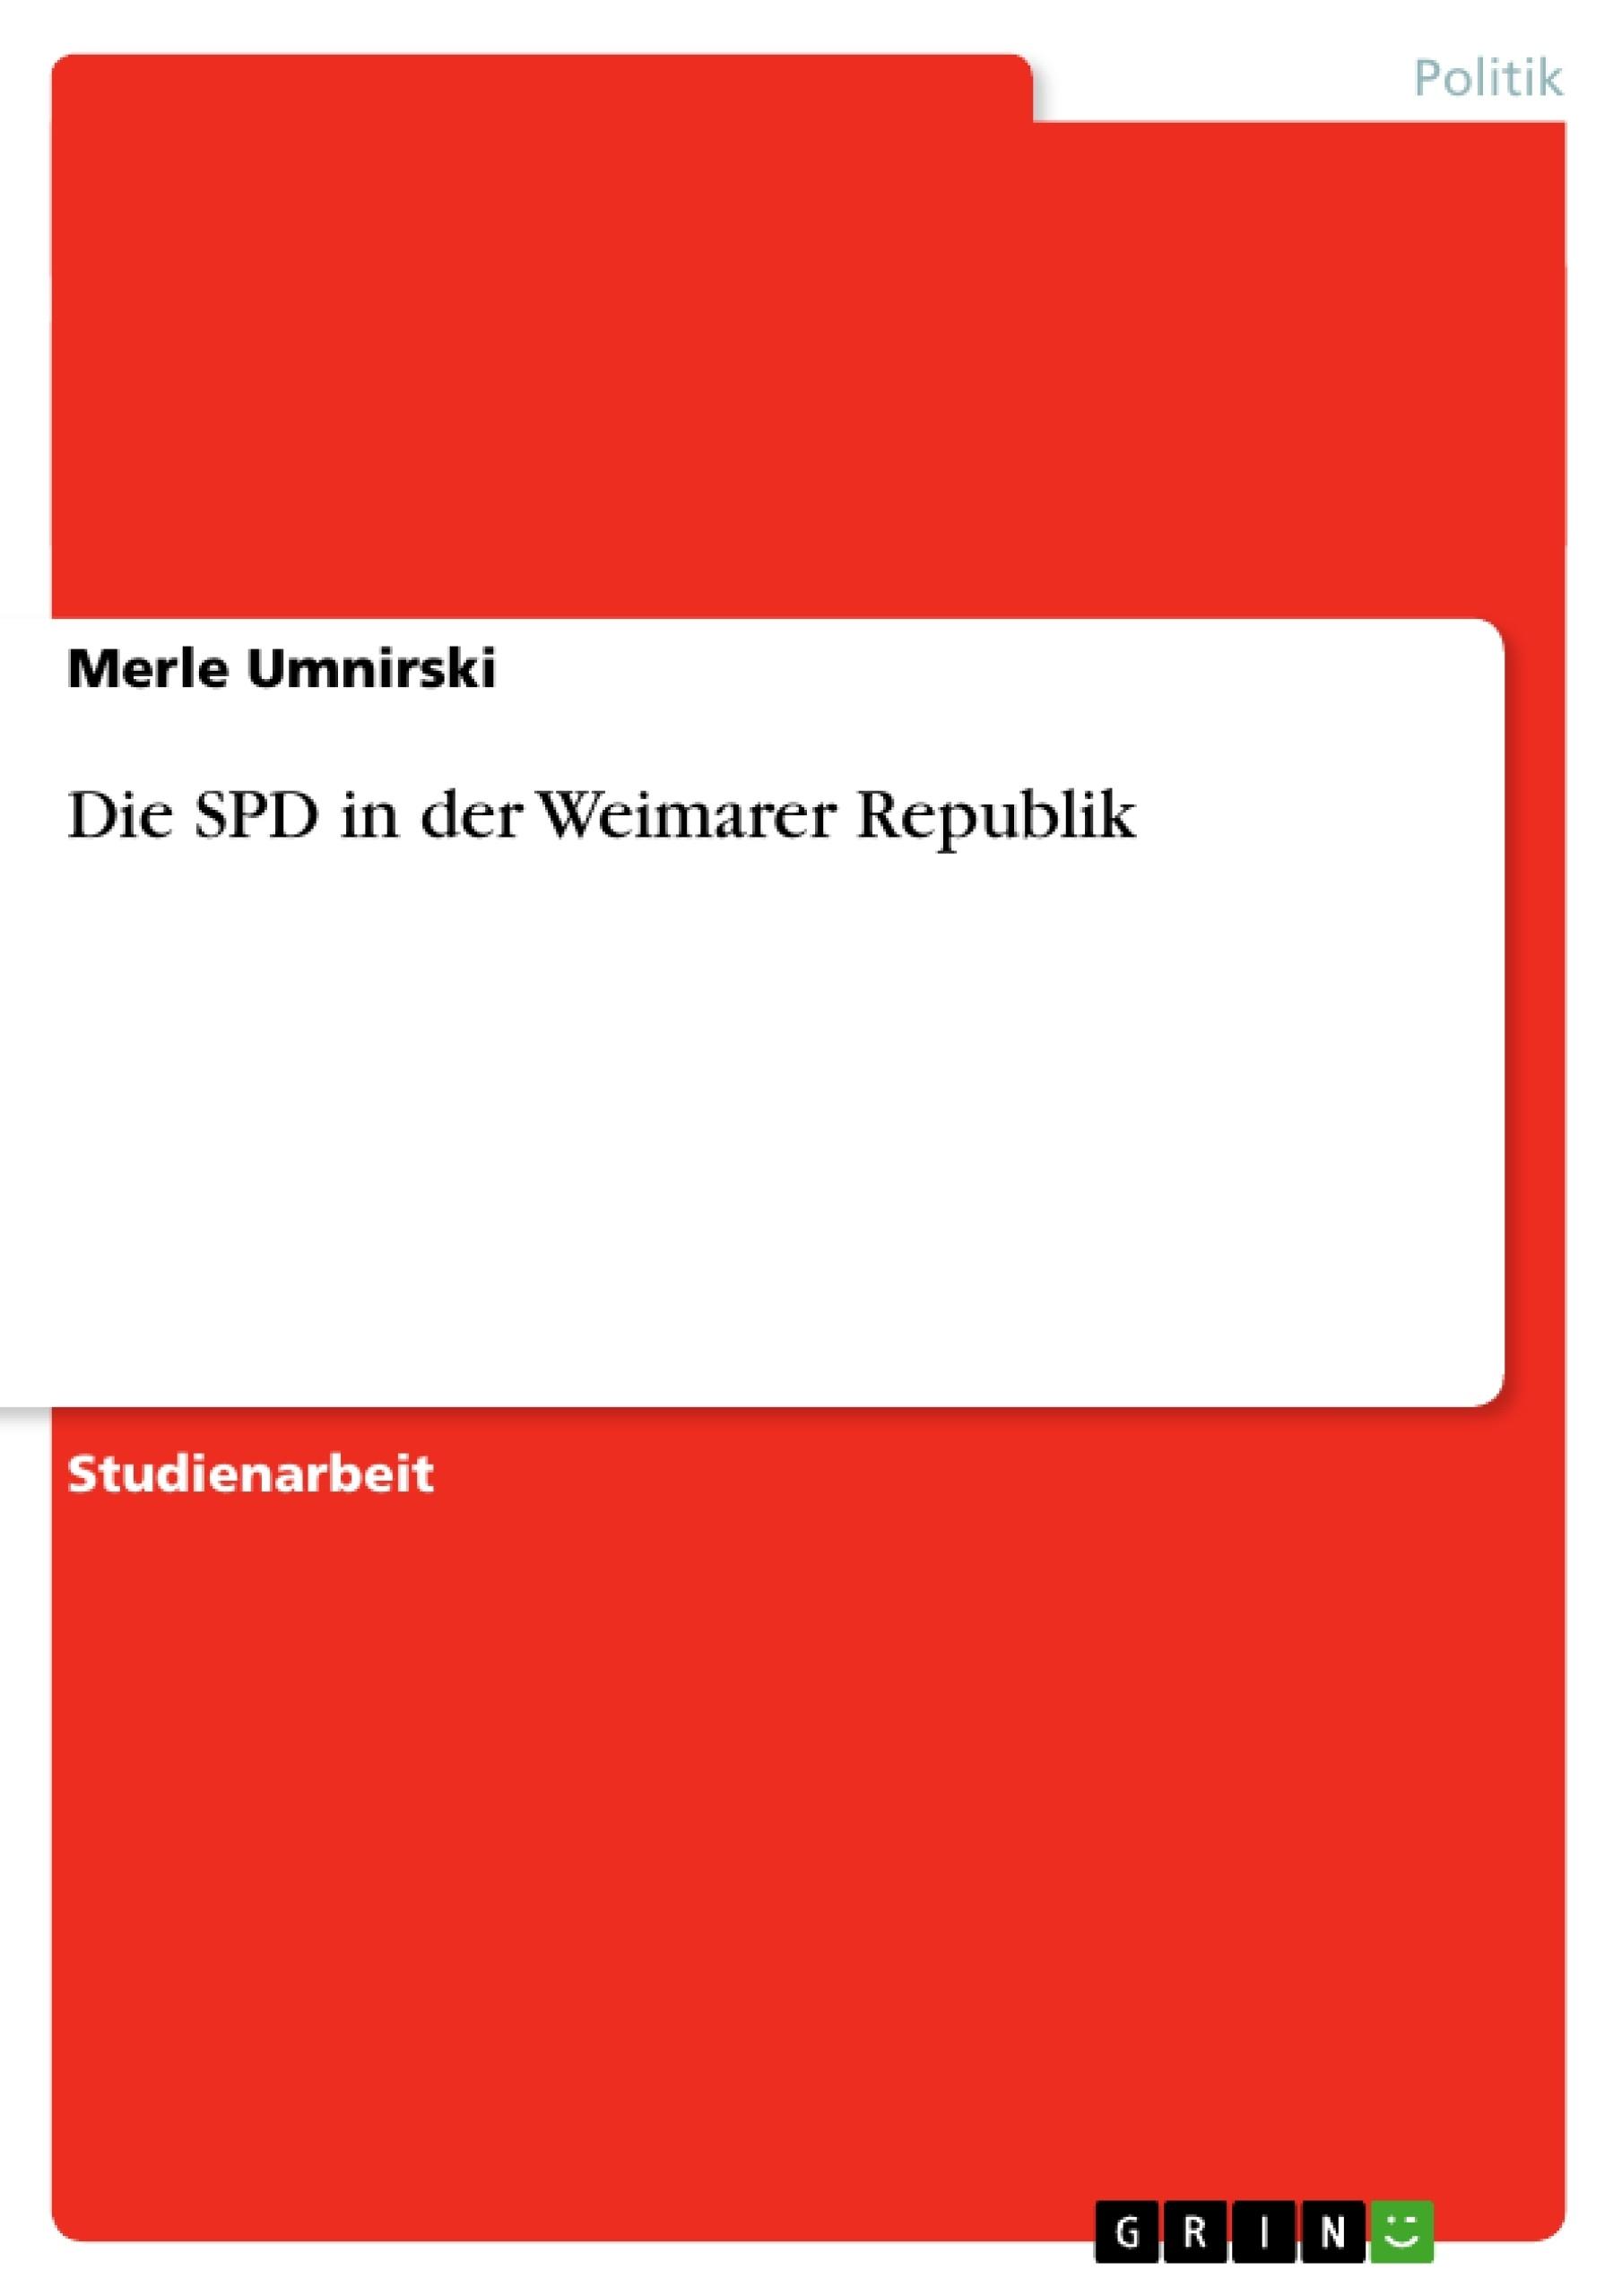 Titel: Die SPD in der Weimarer Republik